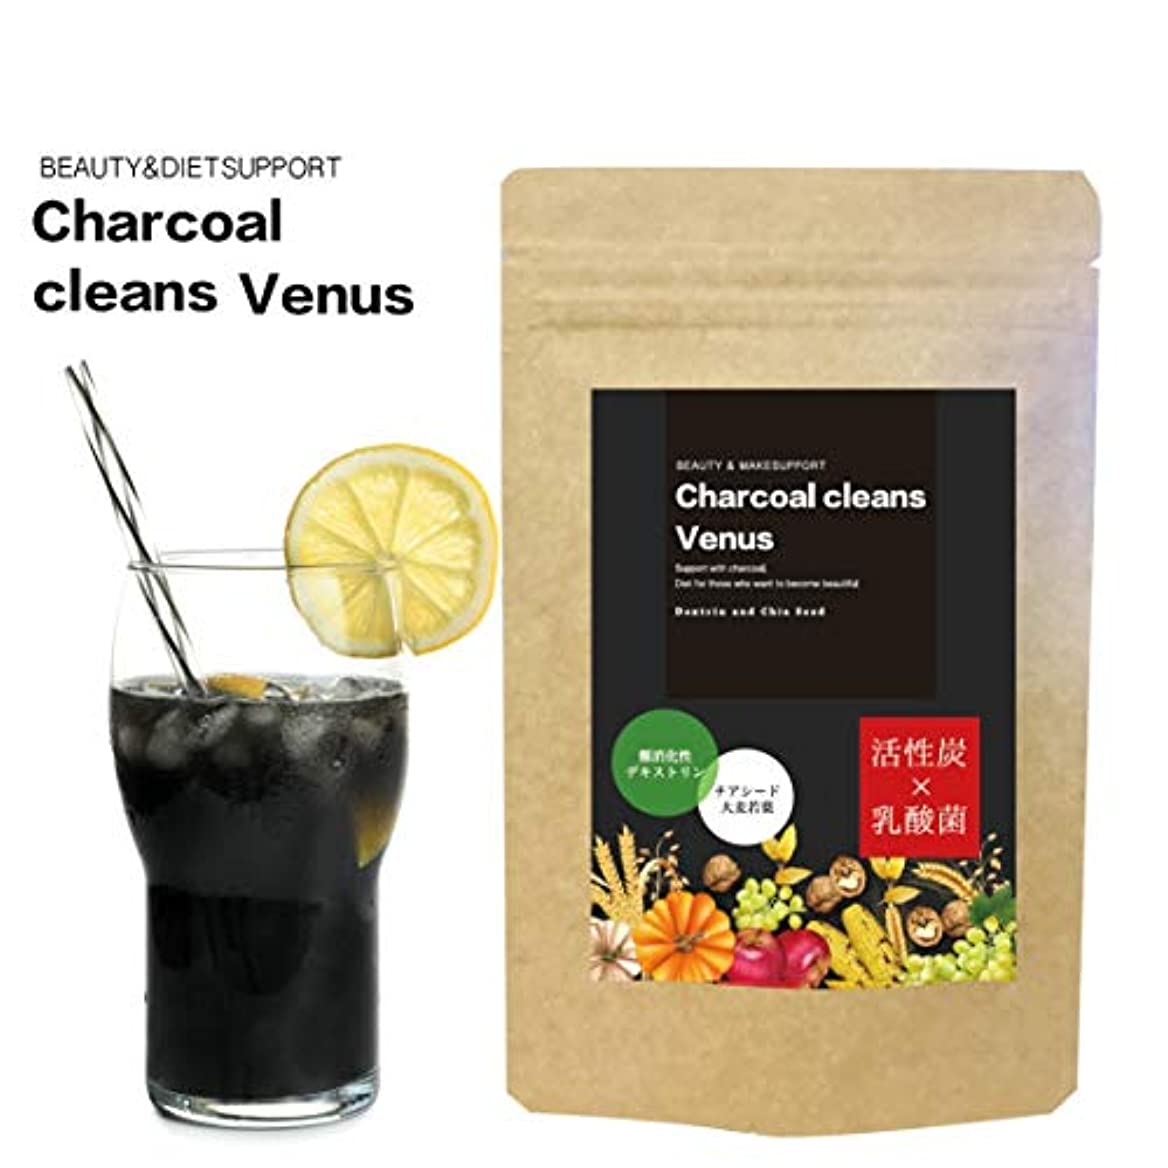 不透明な行方不明田舎者炭 デトックス & ダイエット 活性炭 + 乳酸菌 チャコールクレンズ ビーナス 約1ヶ月分 150g フルーツMIX味